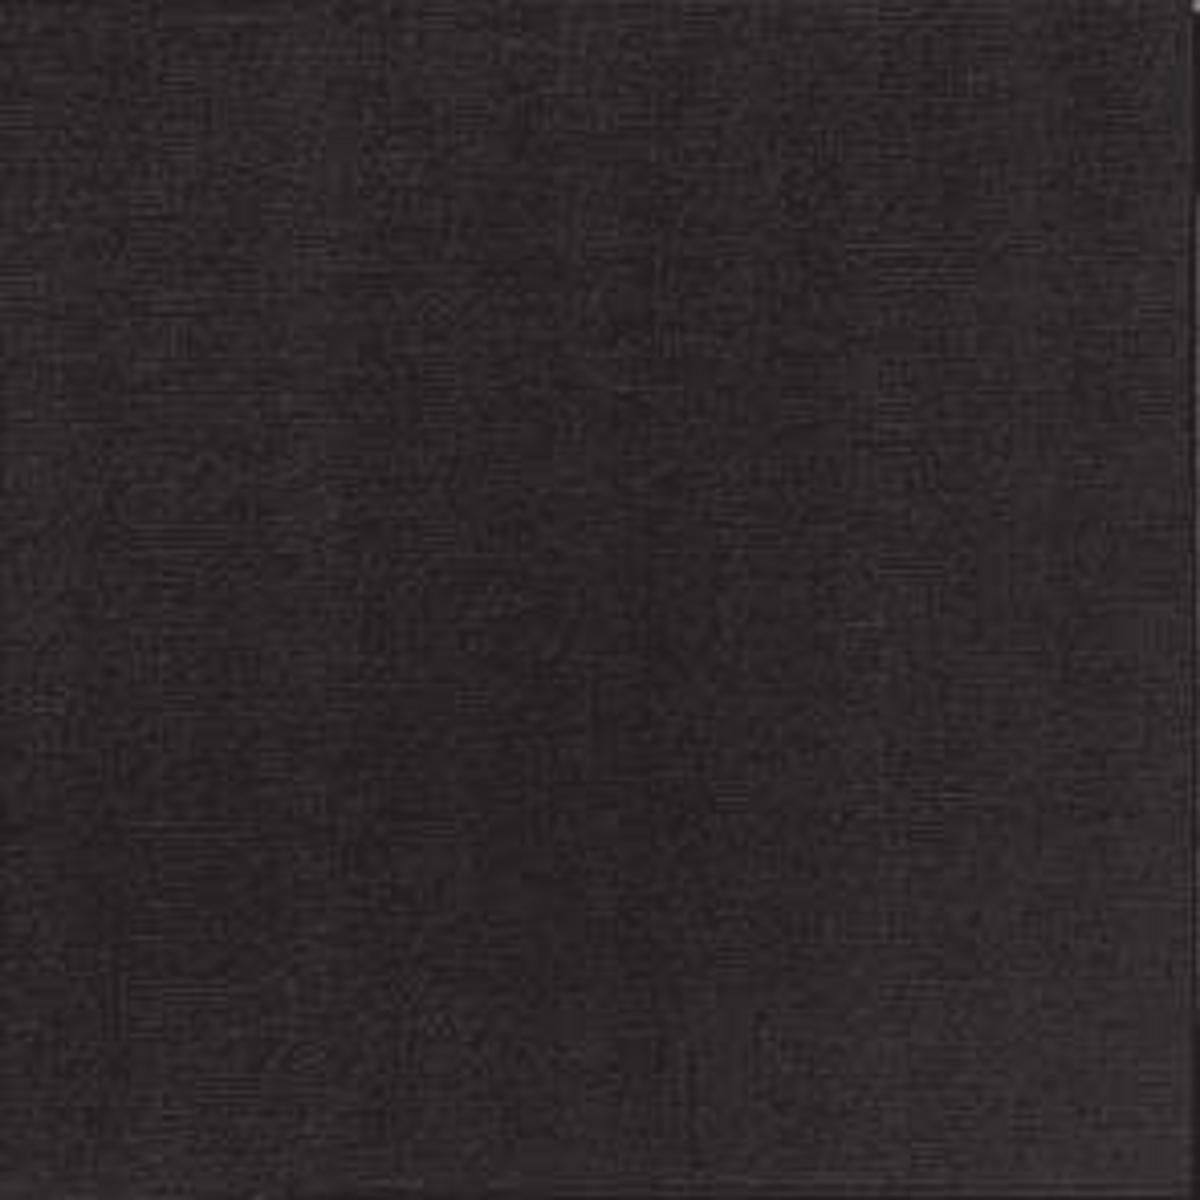 Serviette noire non tissé 40x39 cm Basik Soft Guest Of (50 pièces)